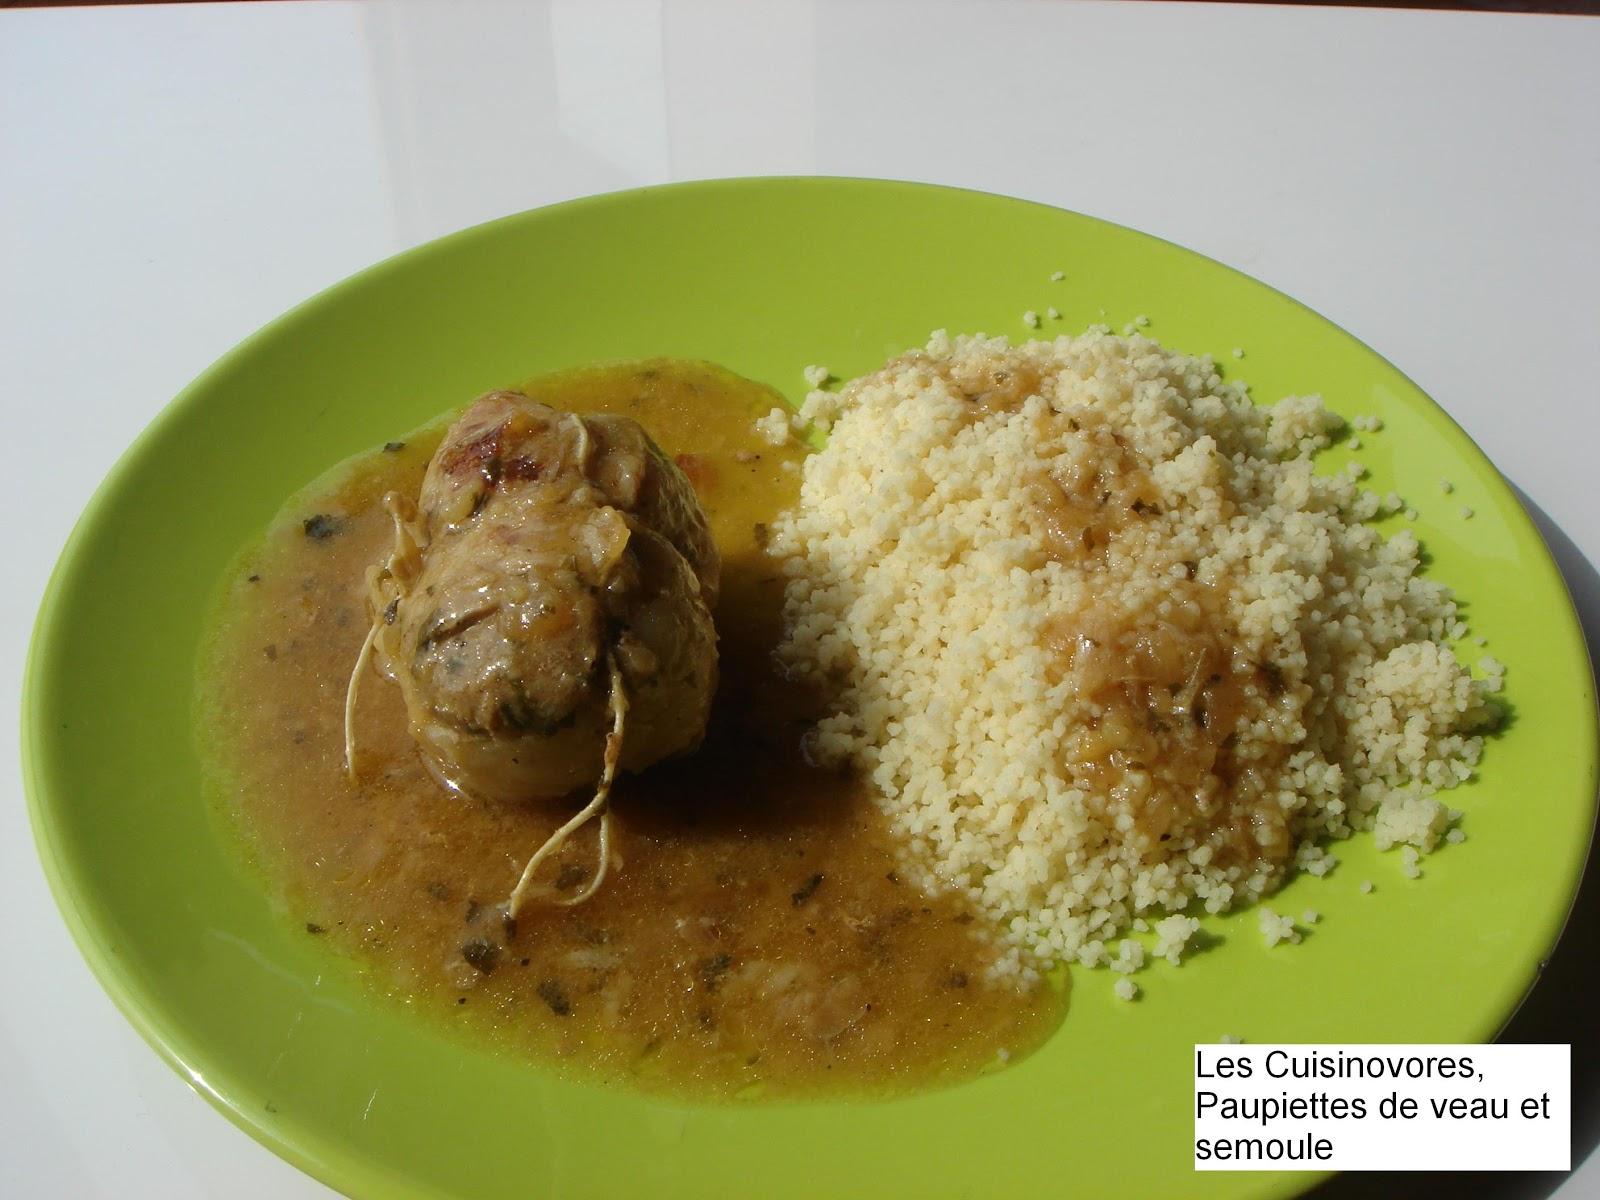 Les cuisinovores paupiettes de veau et semoule - Cuisiner paupiette de veau ...